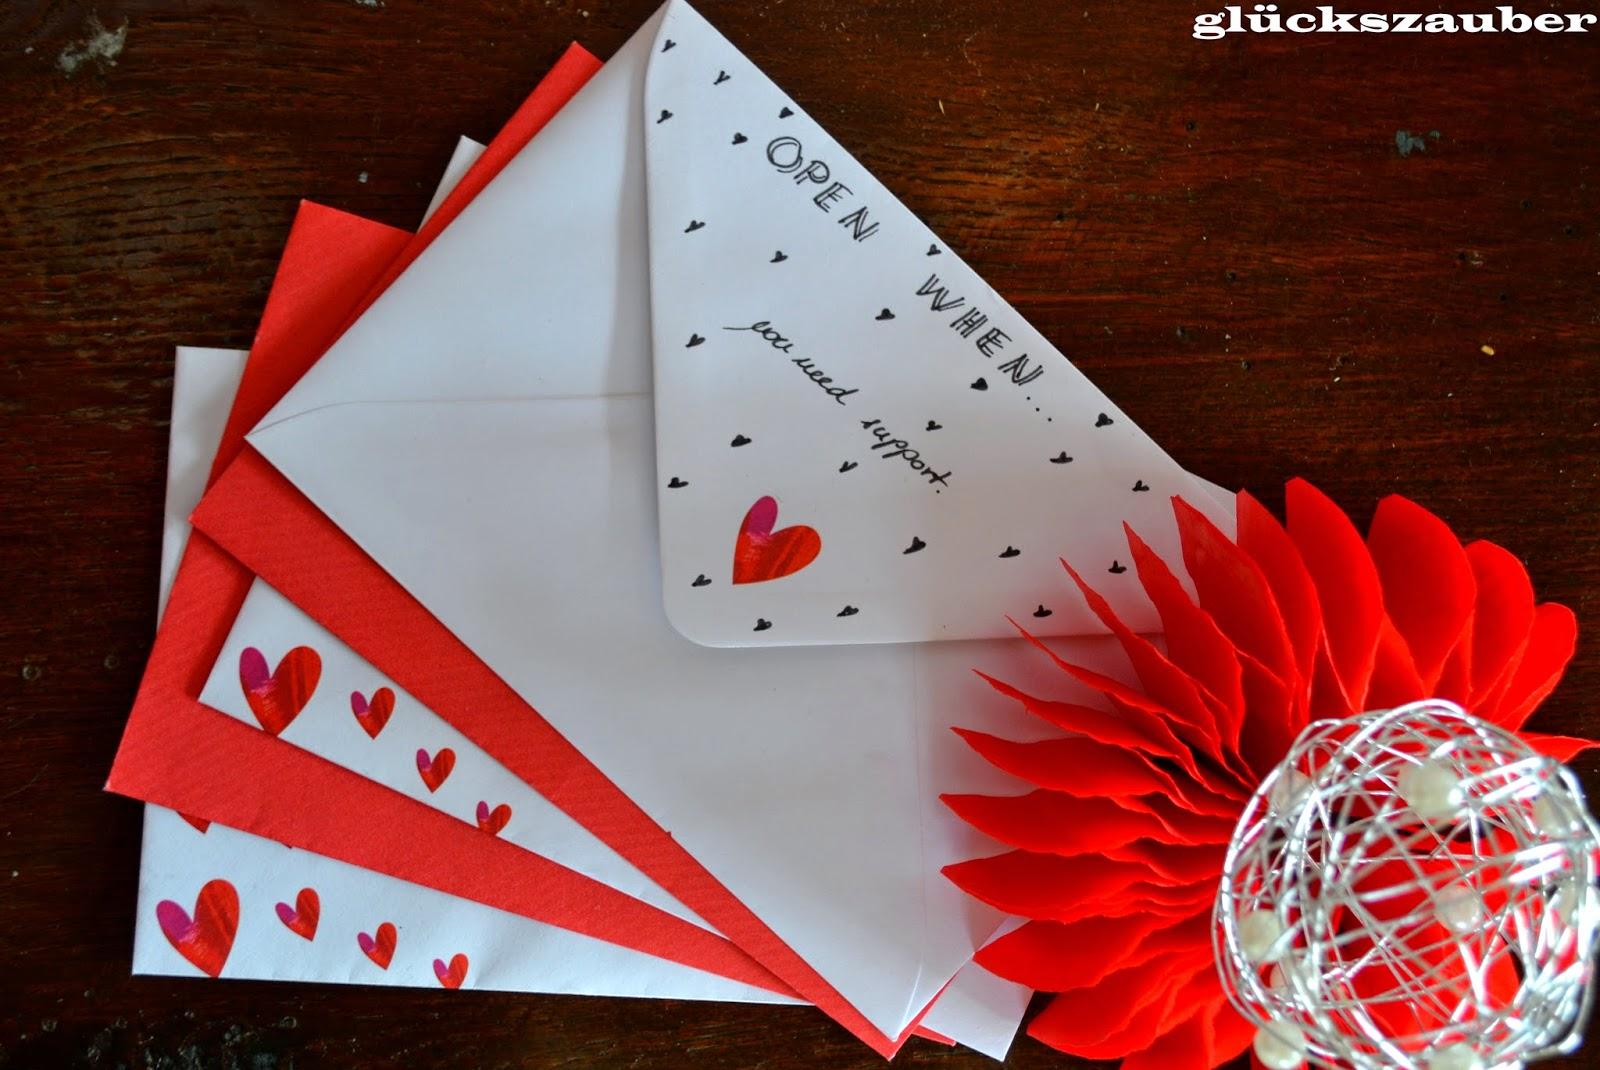 Briefe Dekorieren Zip : Glückszauber diy open when briefe und dekoration aus